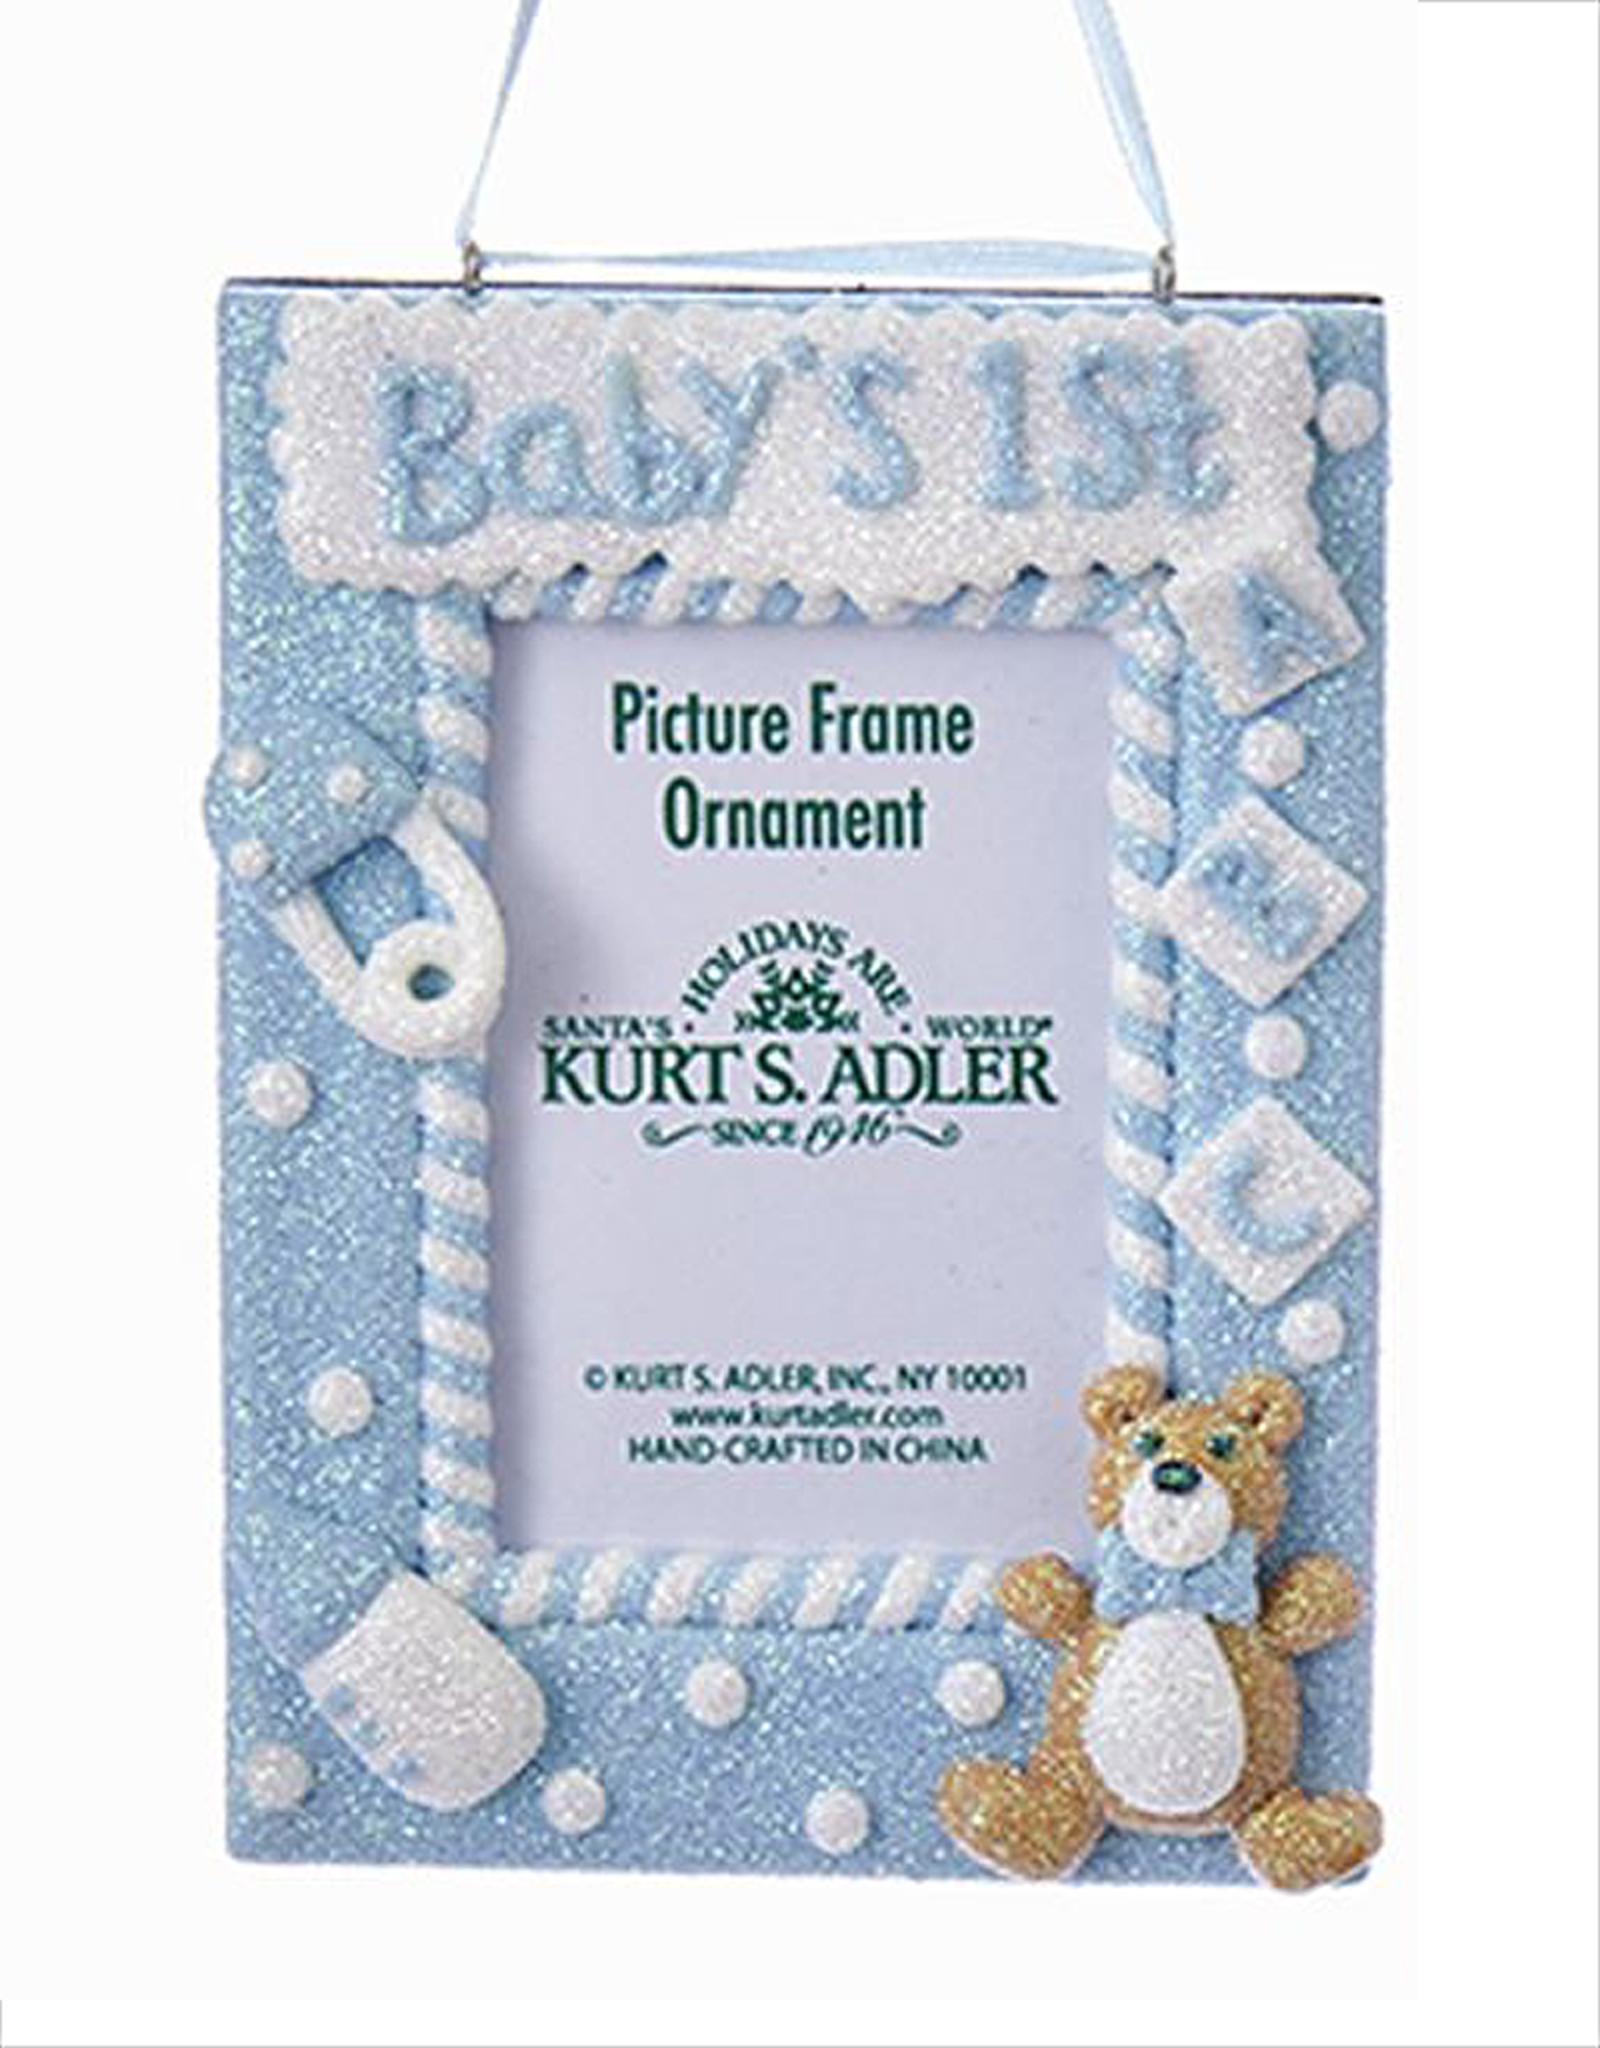 Kurt Adler Babys 1st Christmas Ornament Photo Frame